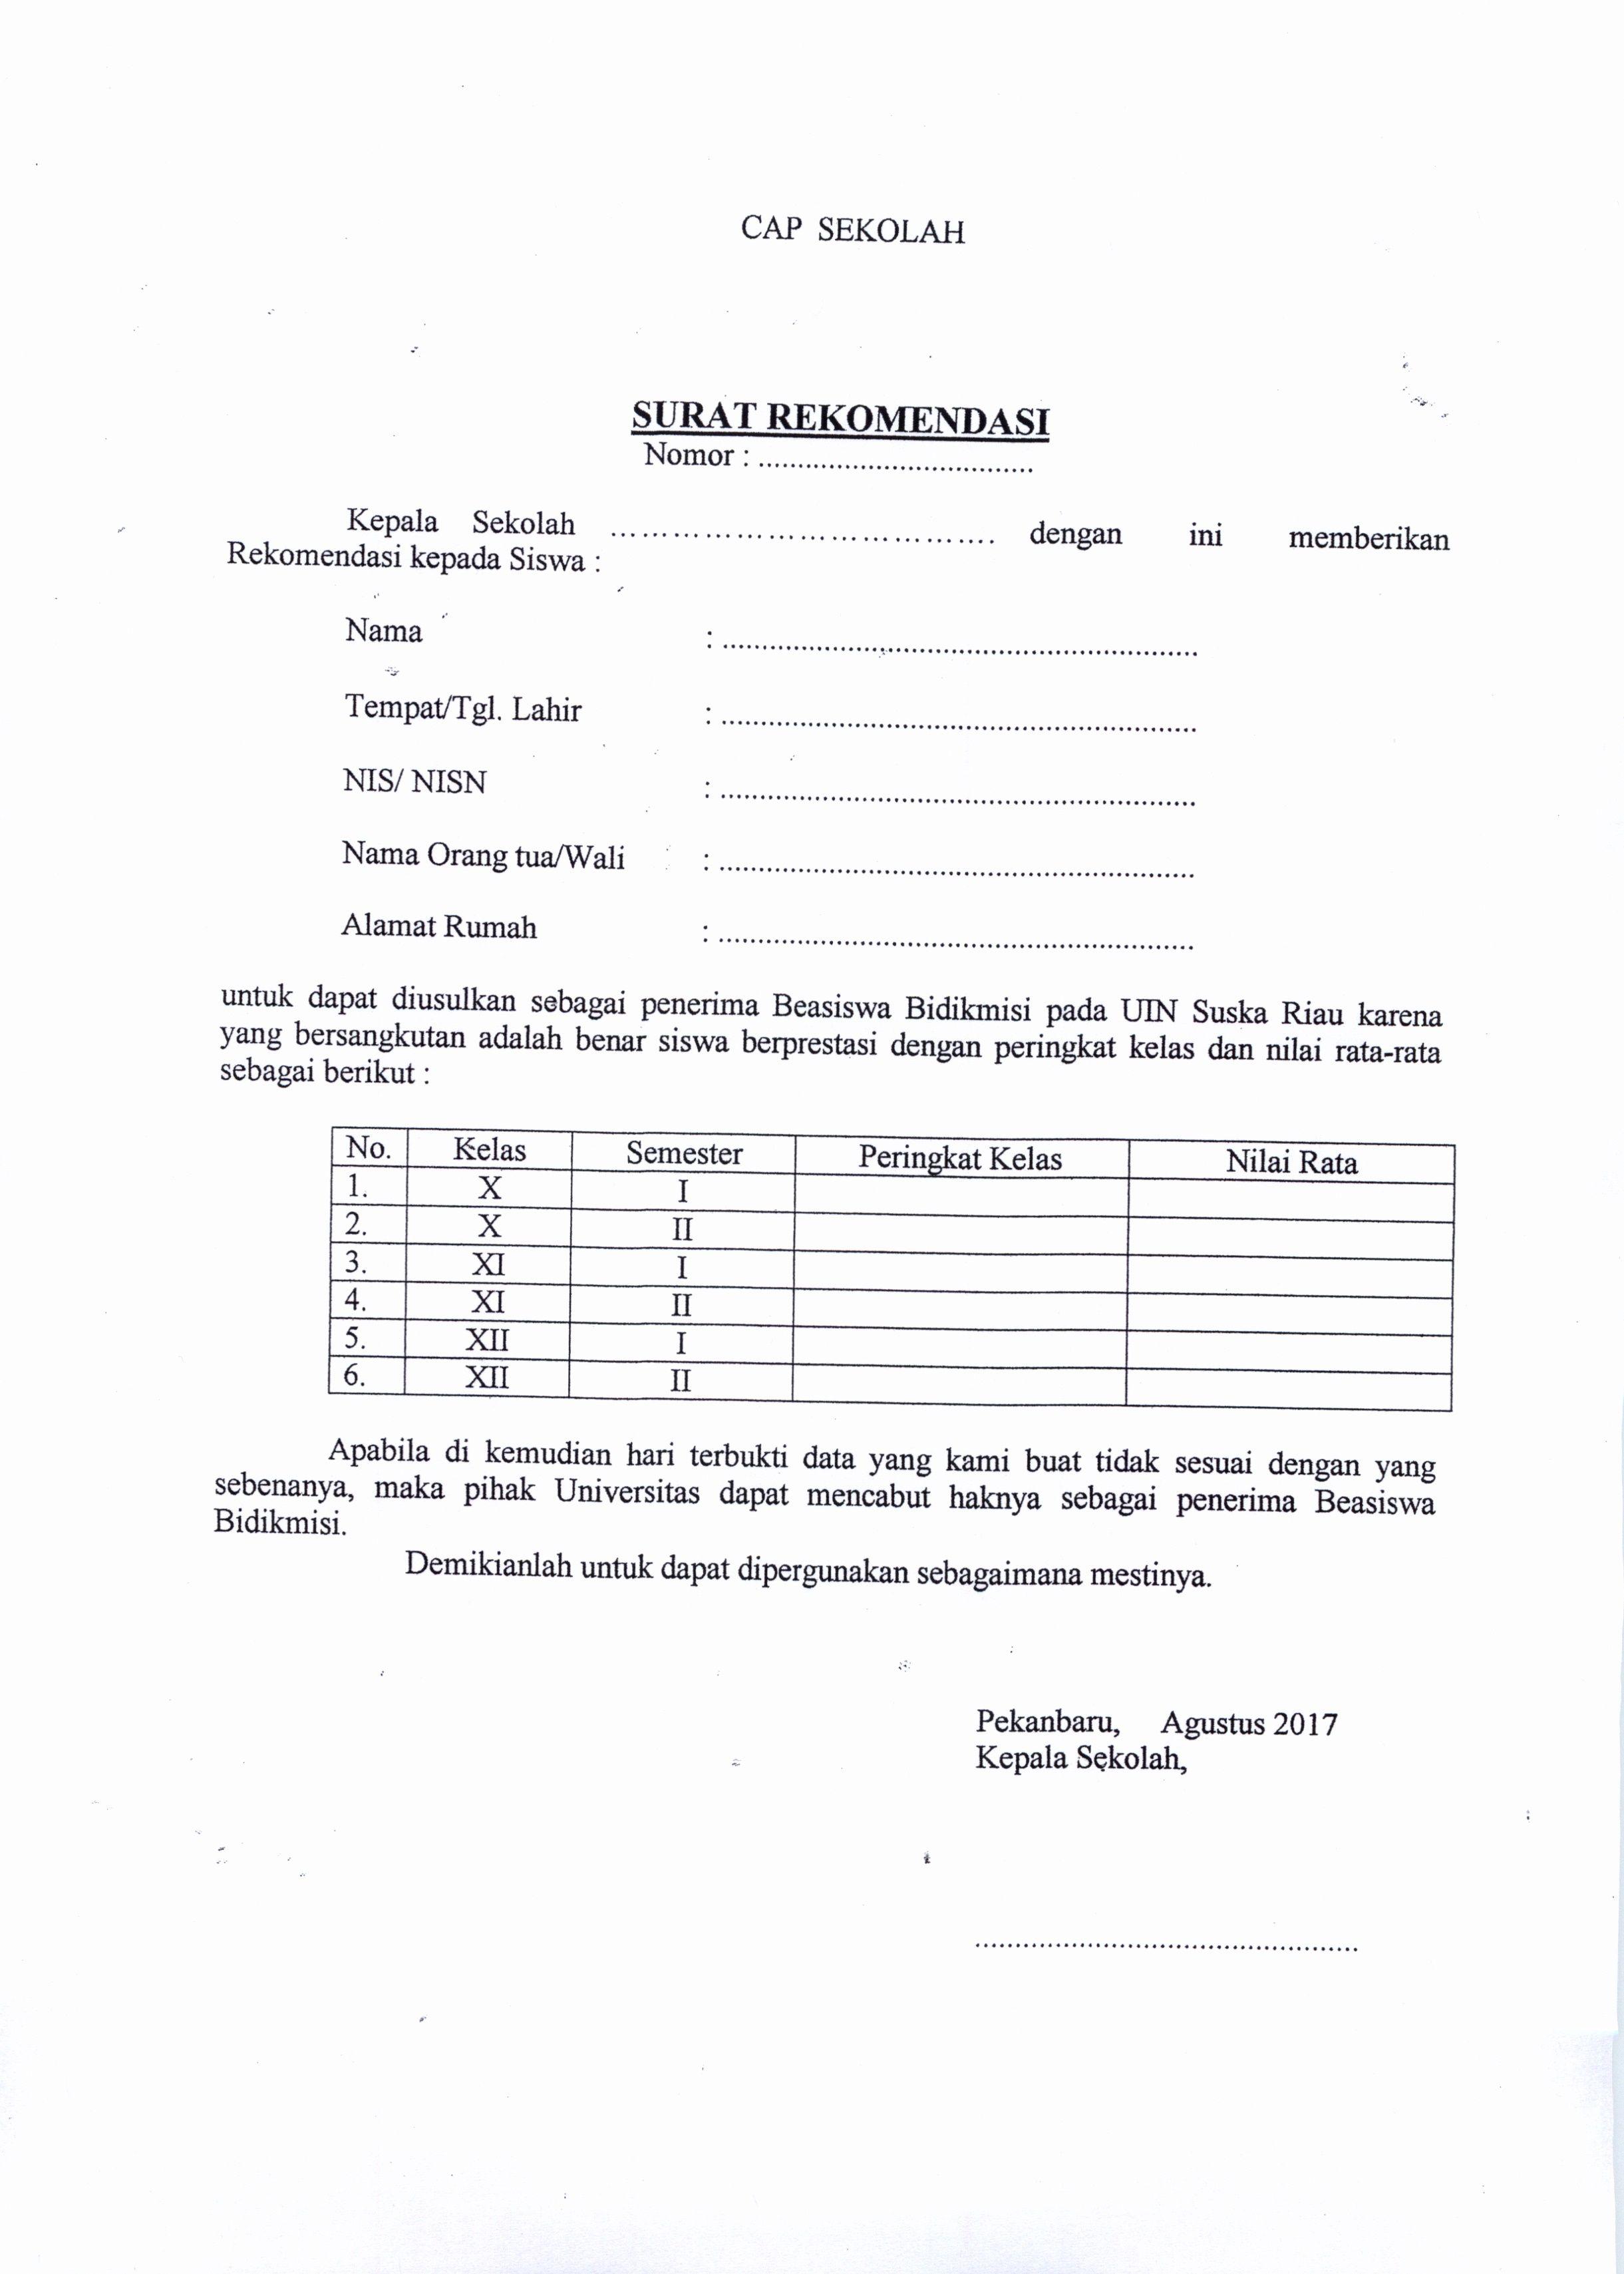 Contoh Surat Rekomendasi Beasiswa Bidikmisi Dari Sekolah Sheet Music Image